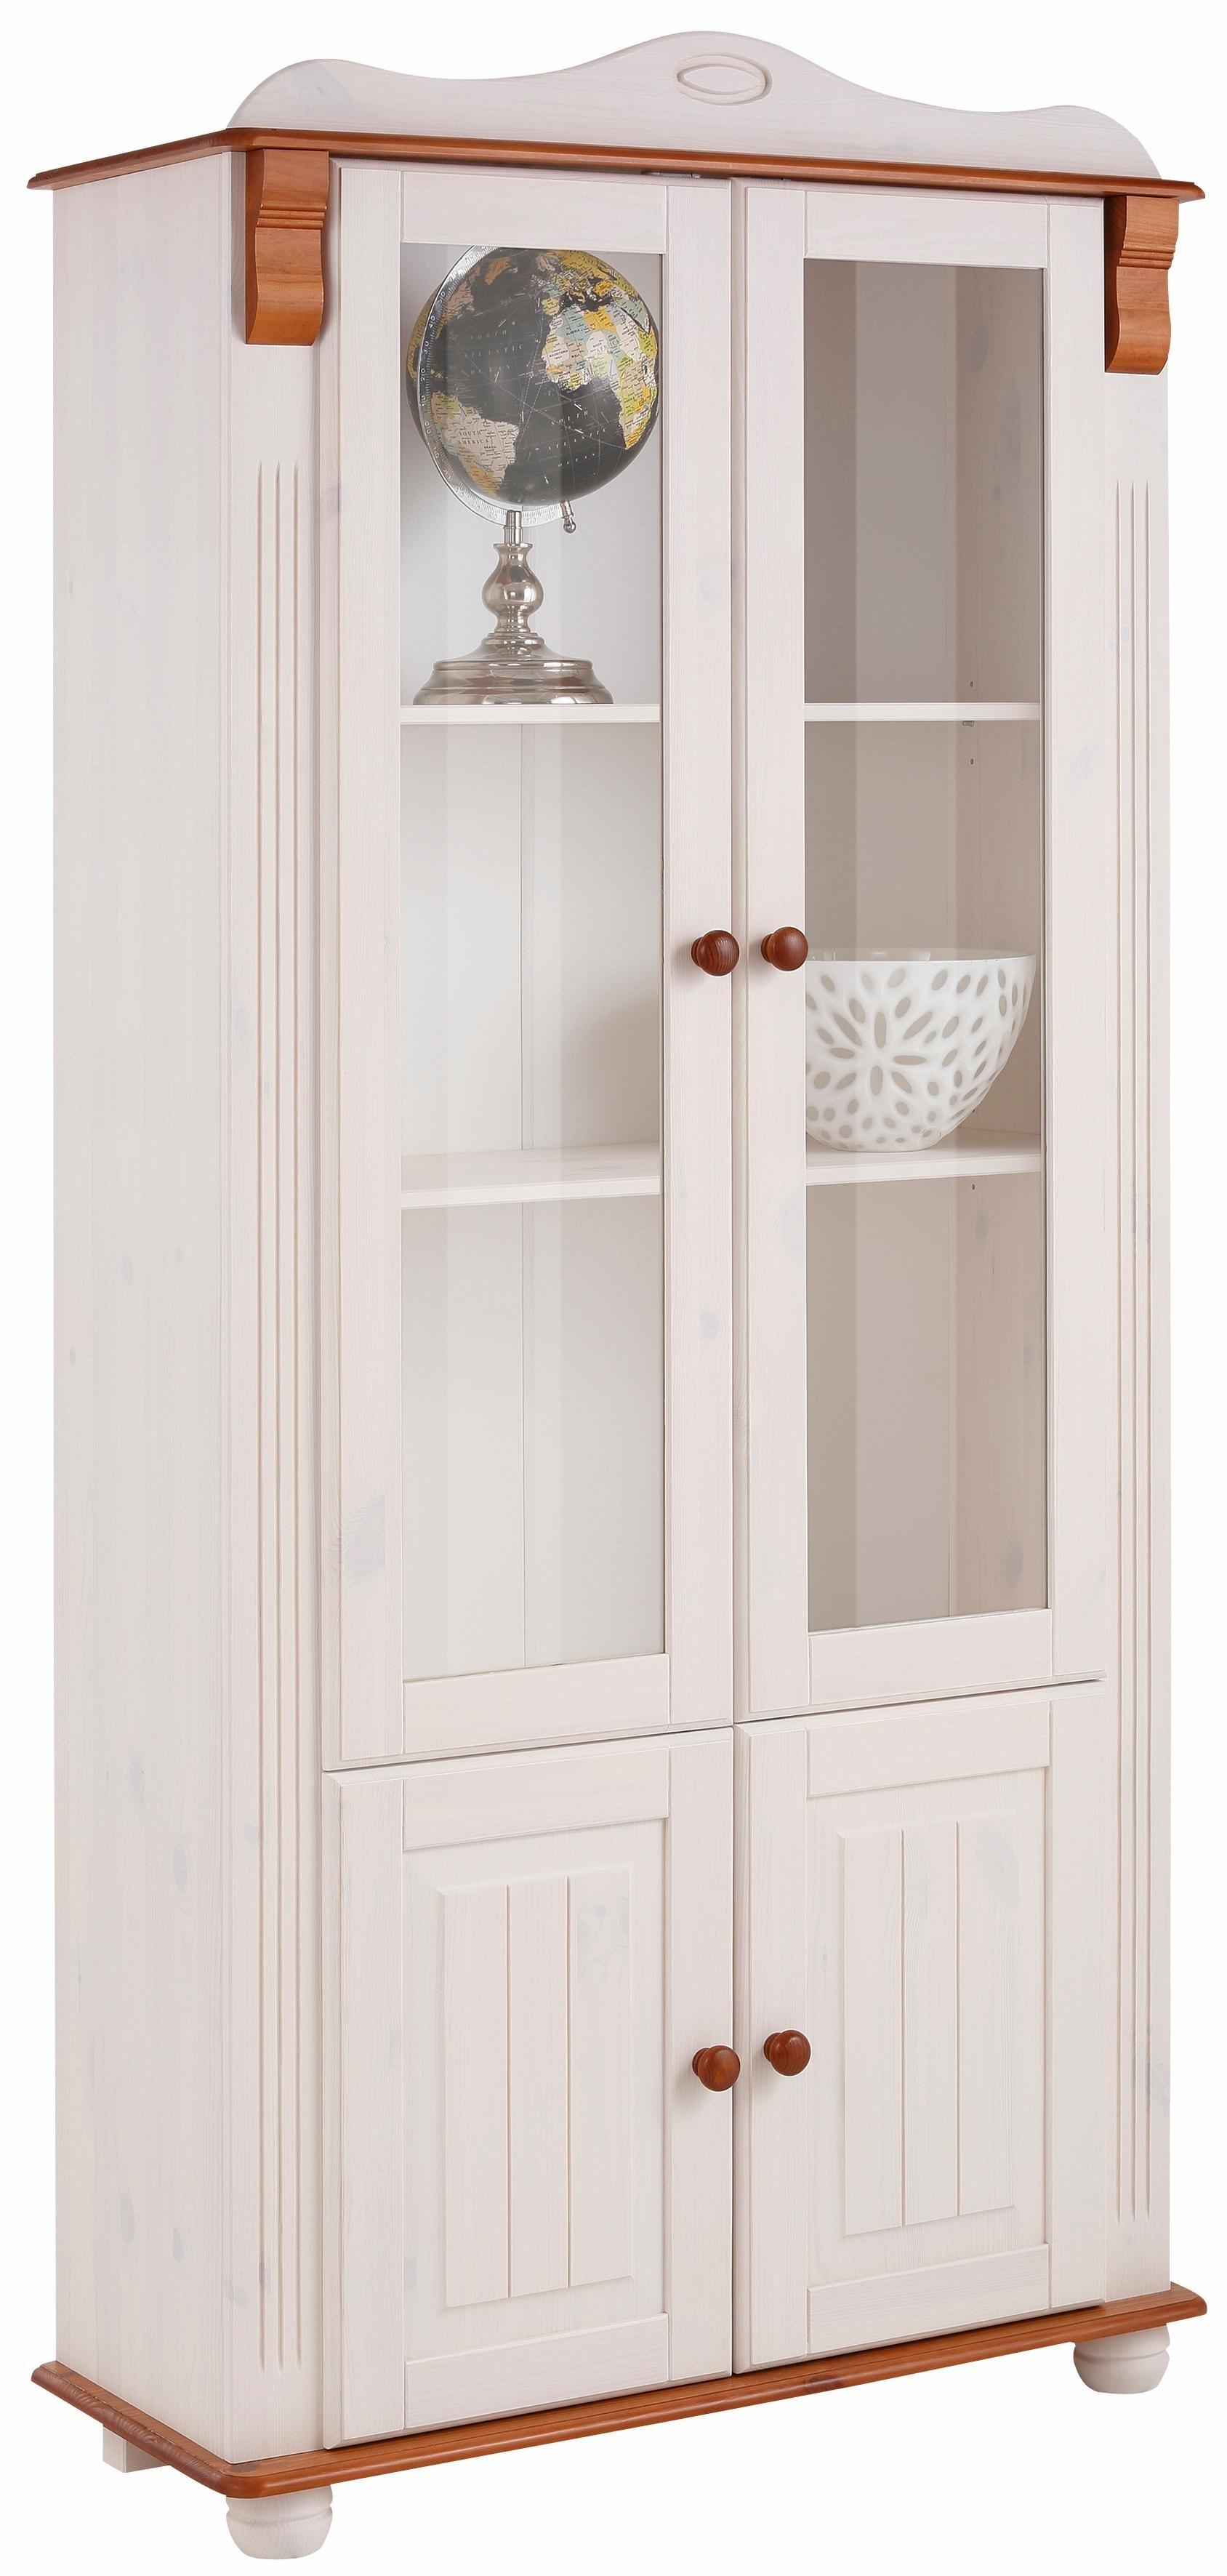 Home affaire vitrinekast 4-deurs »Adele«, hoogte 185 cm - gratis ruilen op otto.nl